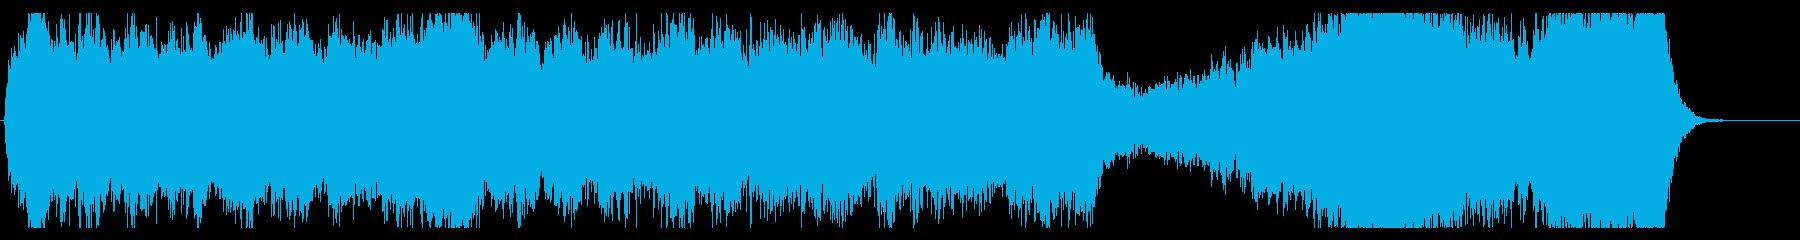 感動エモーショナルメロディーオーケストラの再生済みの波形